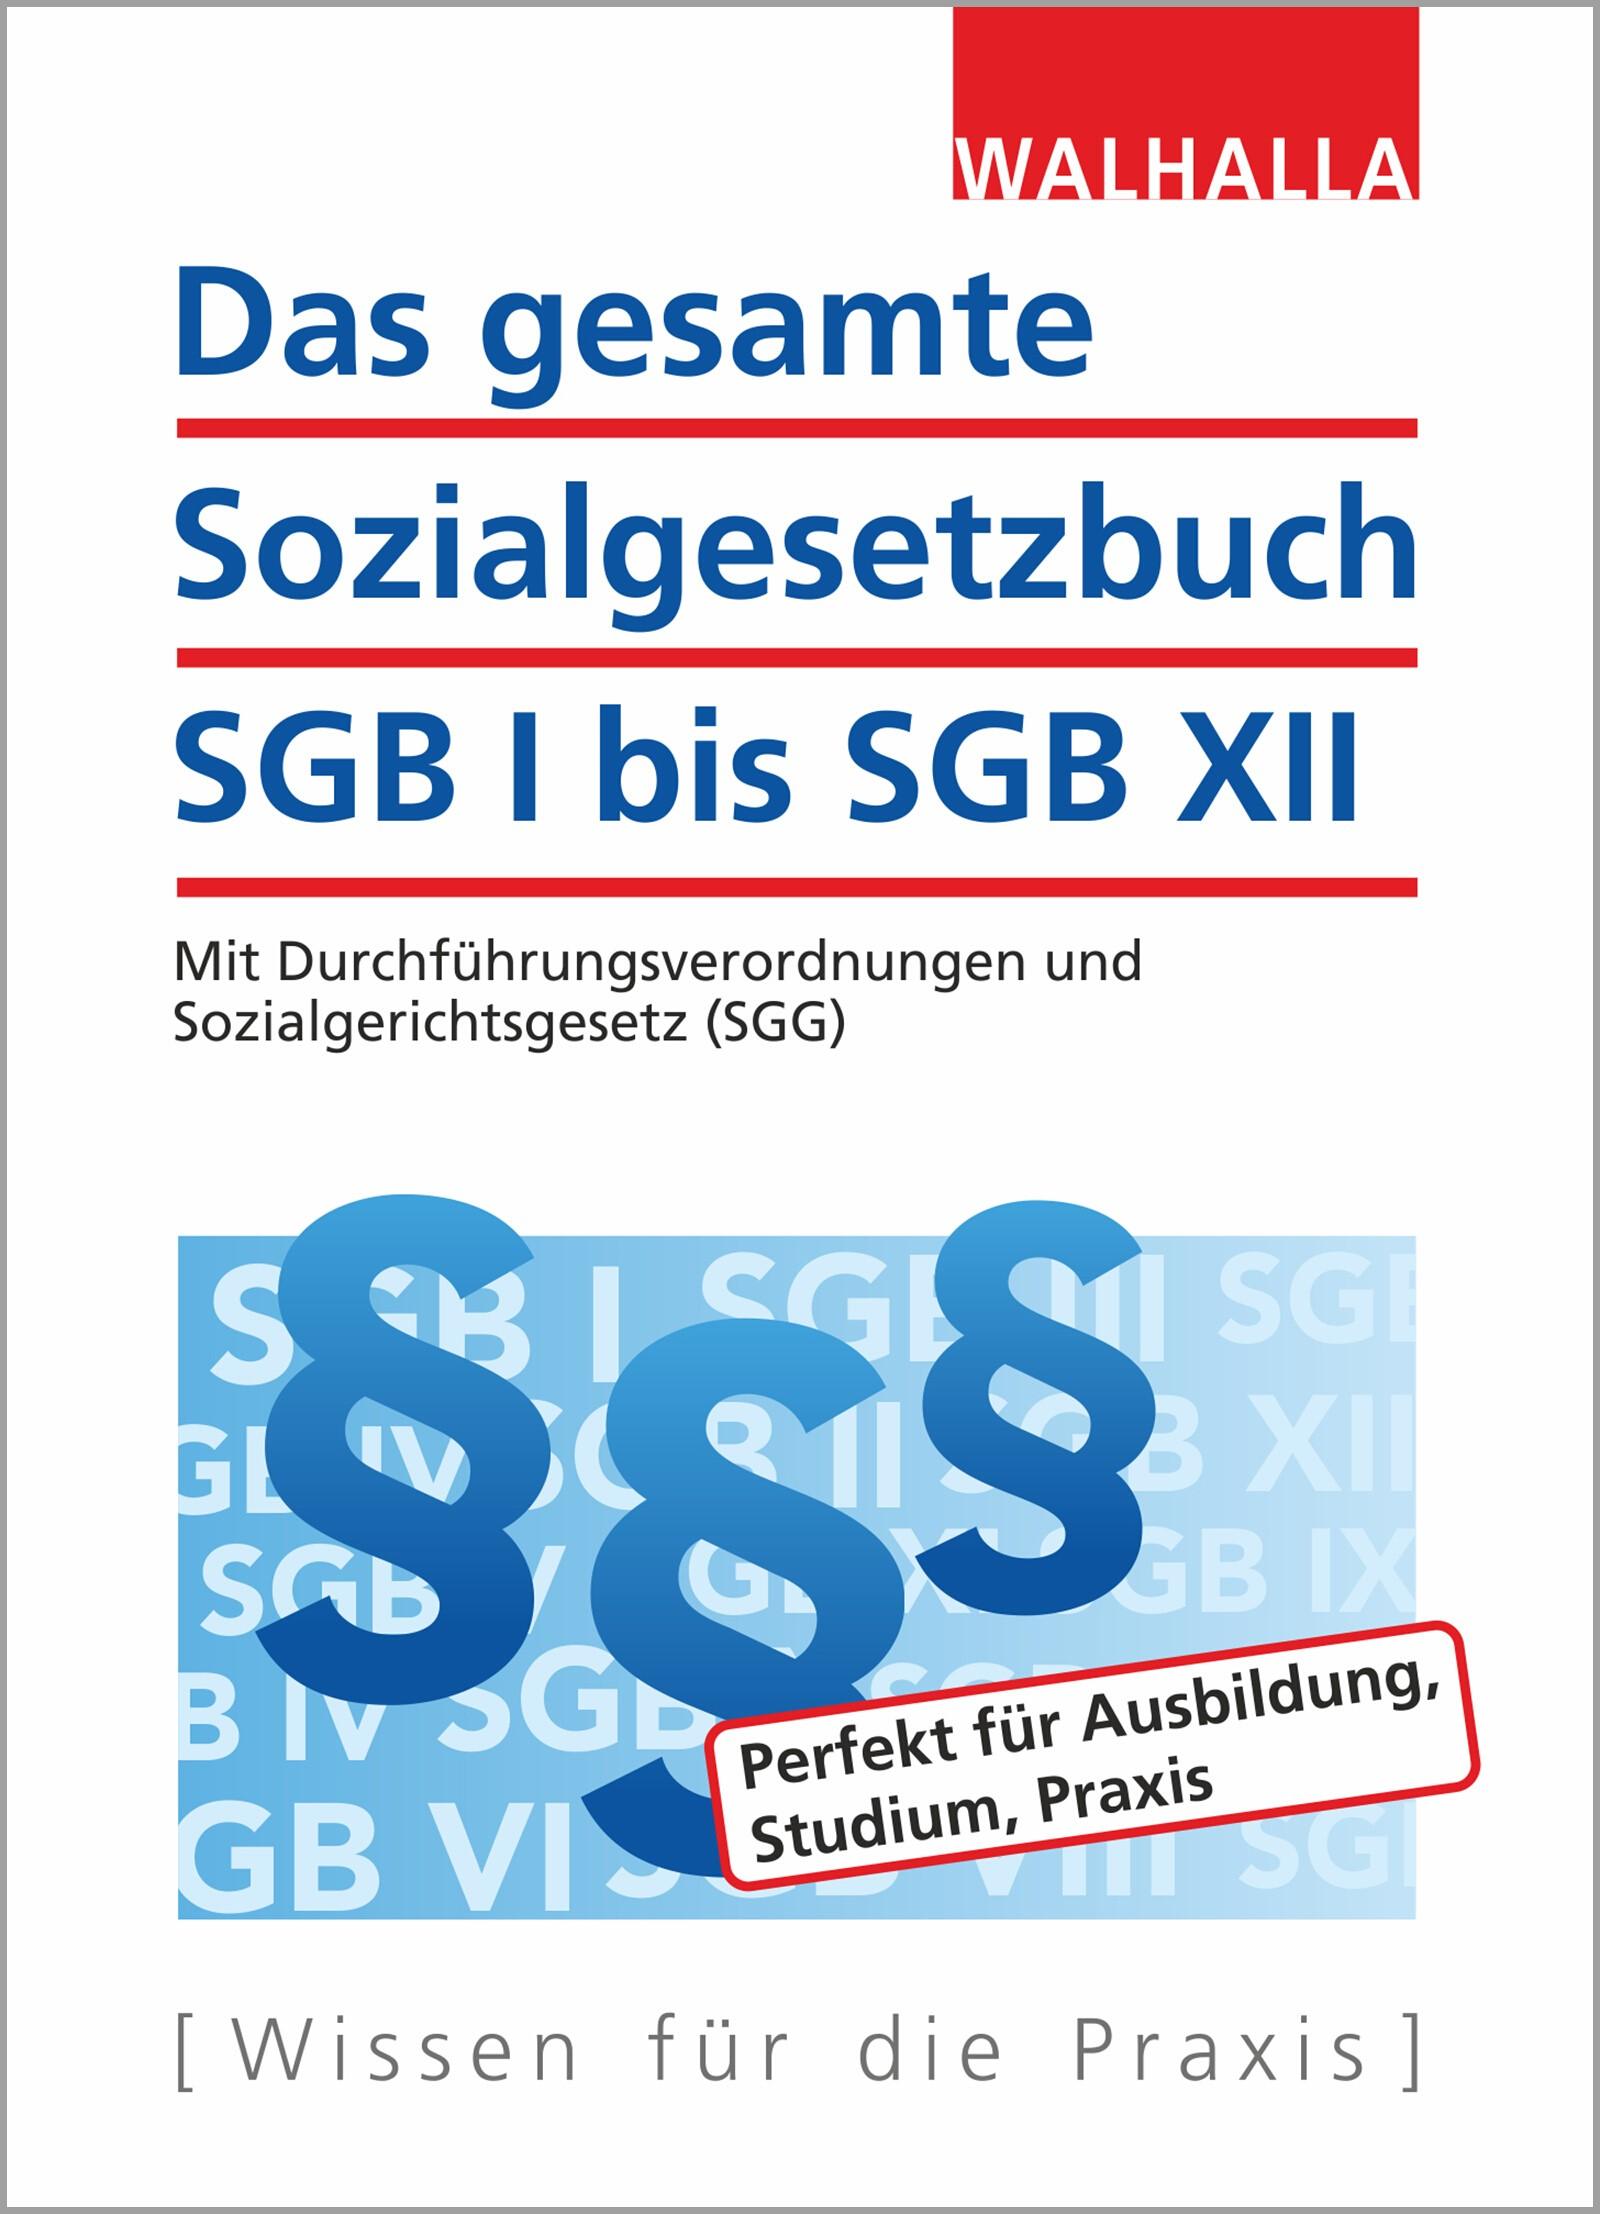 Das gesamte Sozialgesetzbuch SGB I bis SGB XII   Walhalla Fachredaktion   26., aktualisierte Auflage, 2018   Buch (Cover)